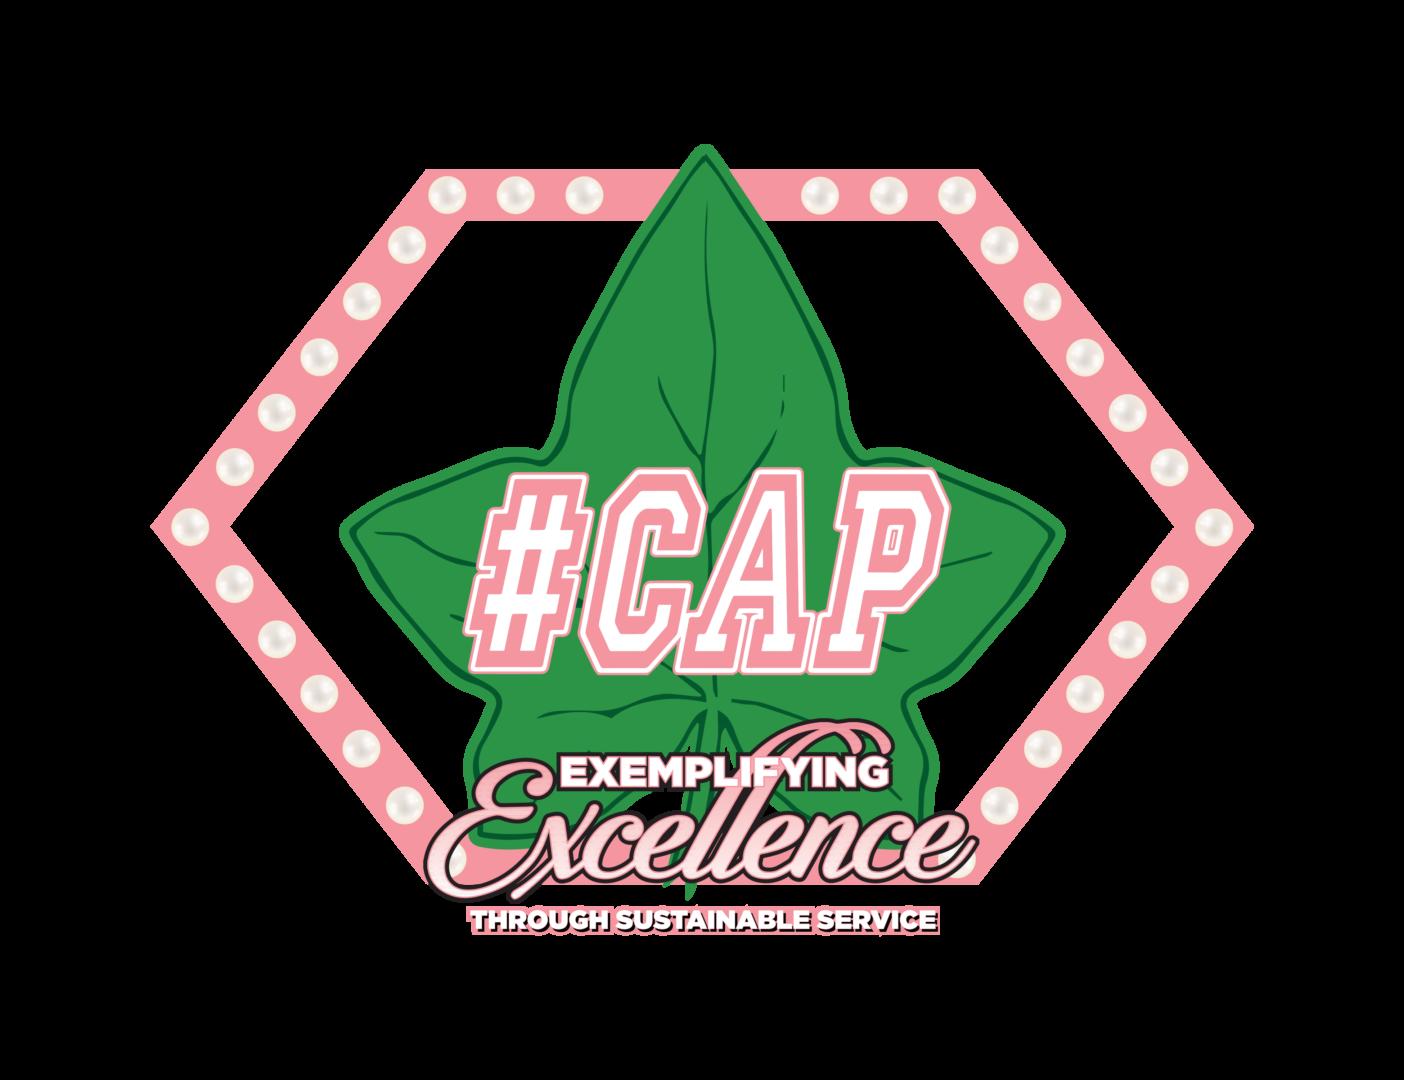 a1e20e4d-071e-4f1f-985b-27824f143454hashtag-cap-logo (1)